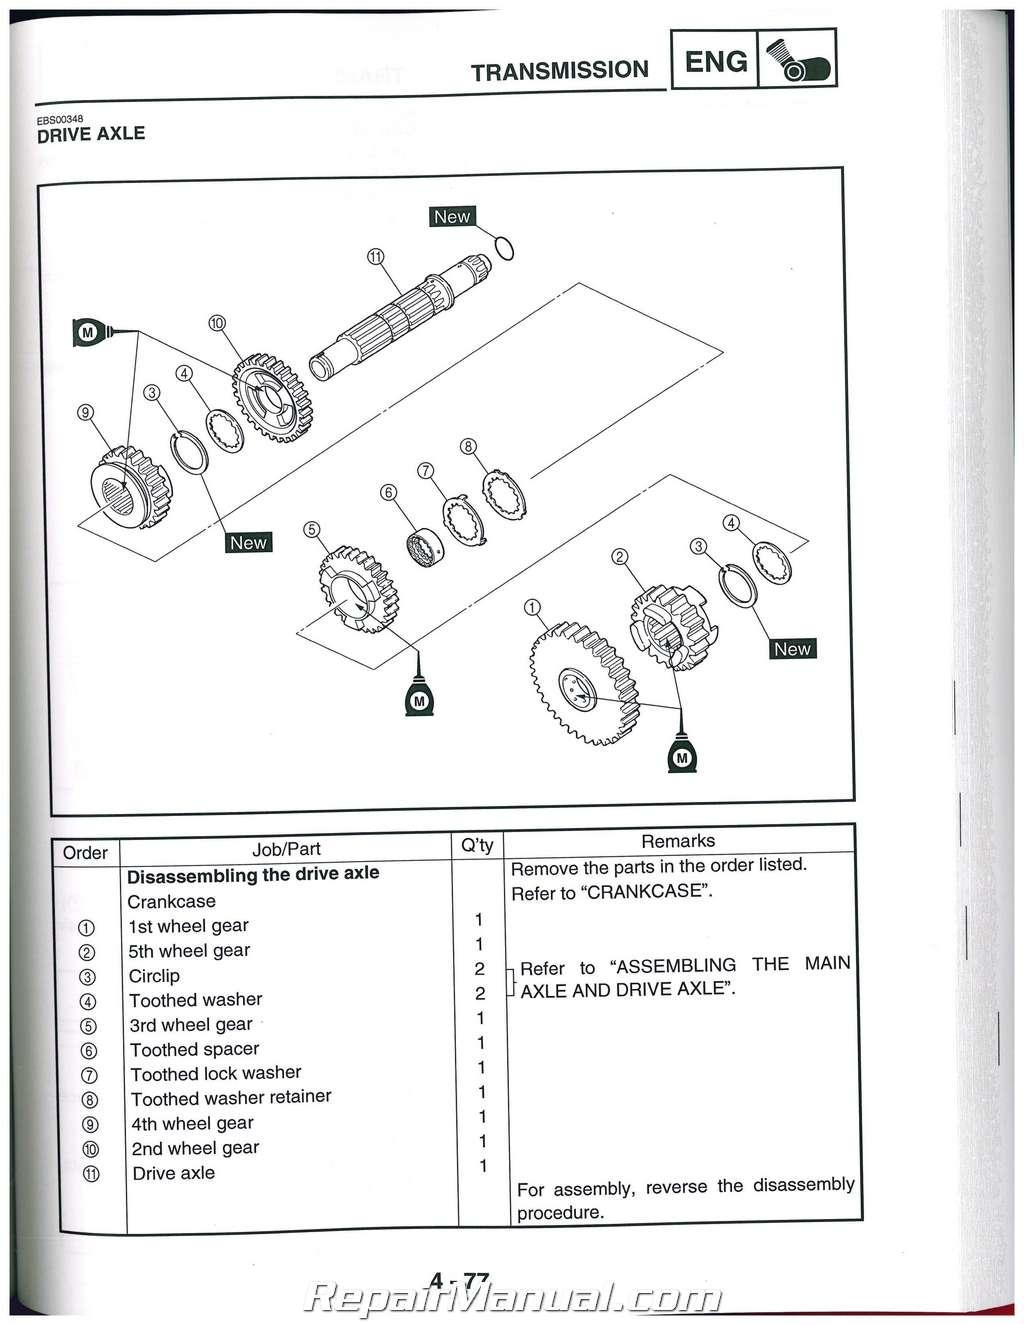 1990 yamaha moto 4 350 wiring diagram 1995 nissan 240sx 1994 yfm get free image